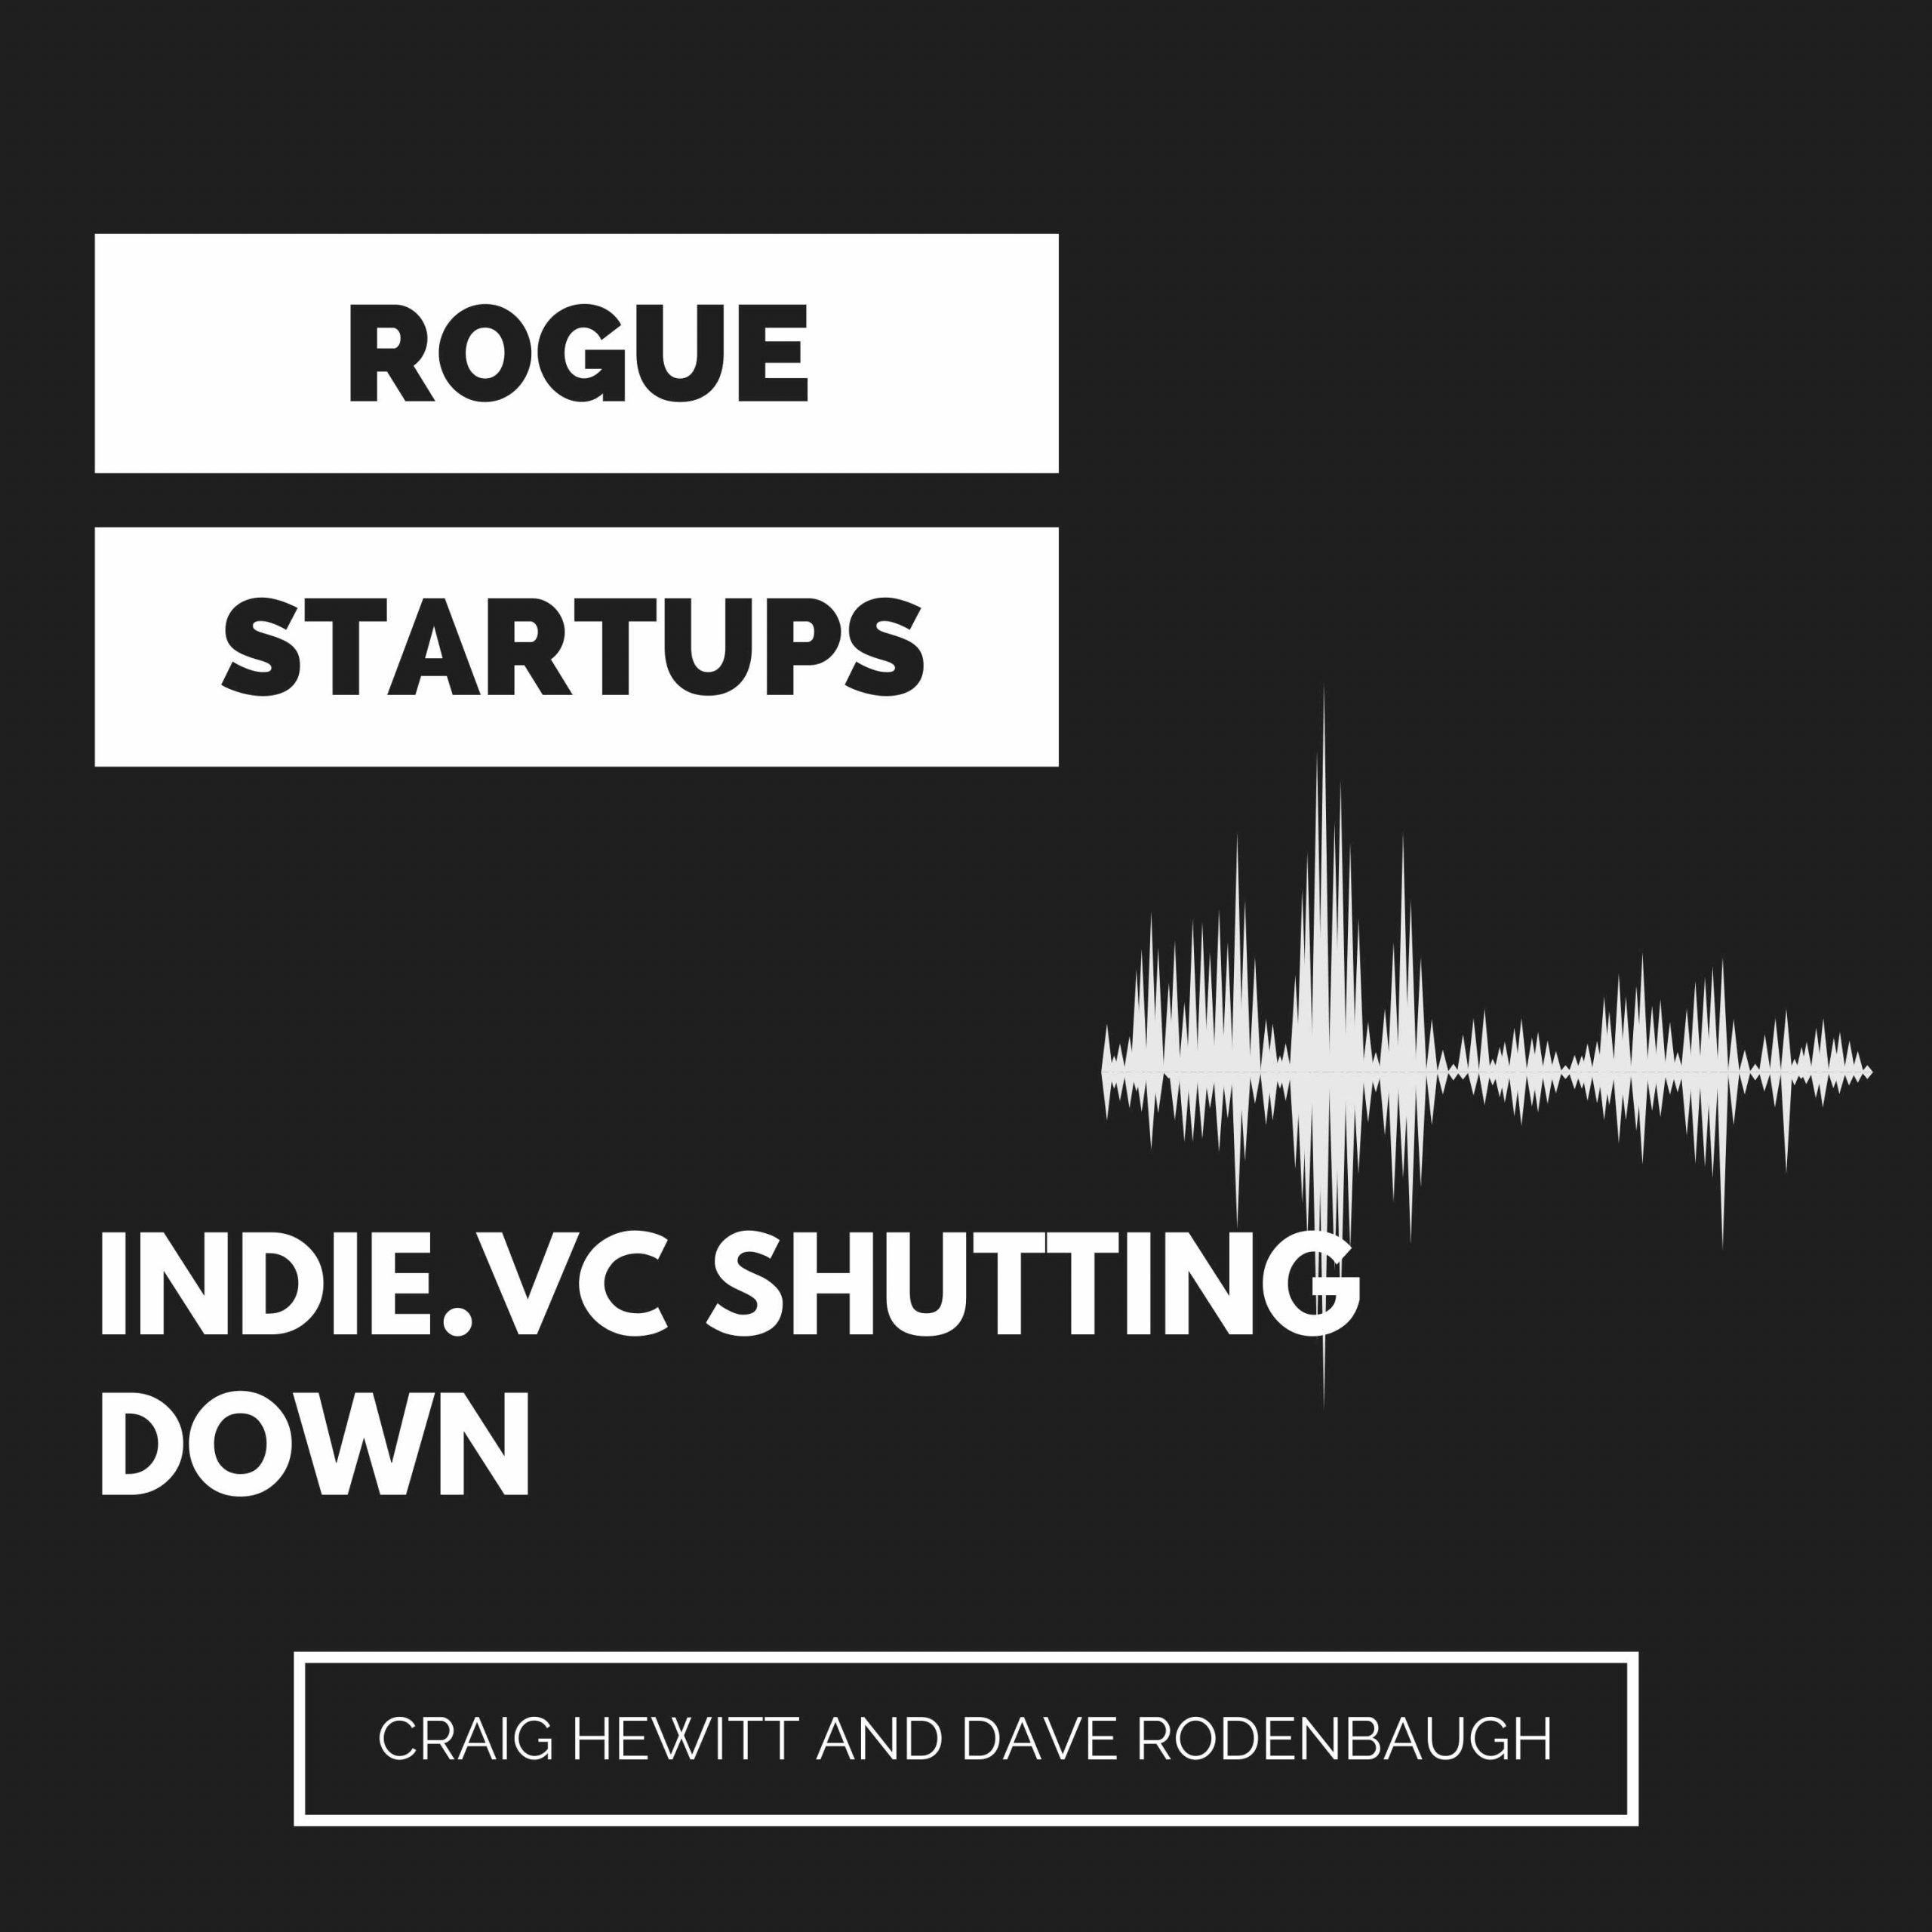 Rogue Startups